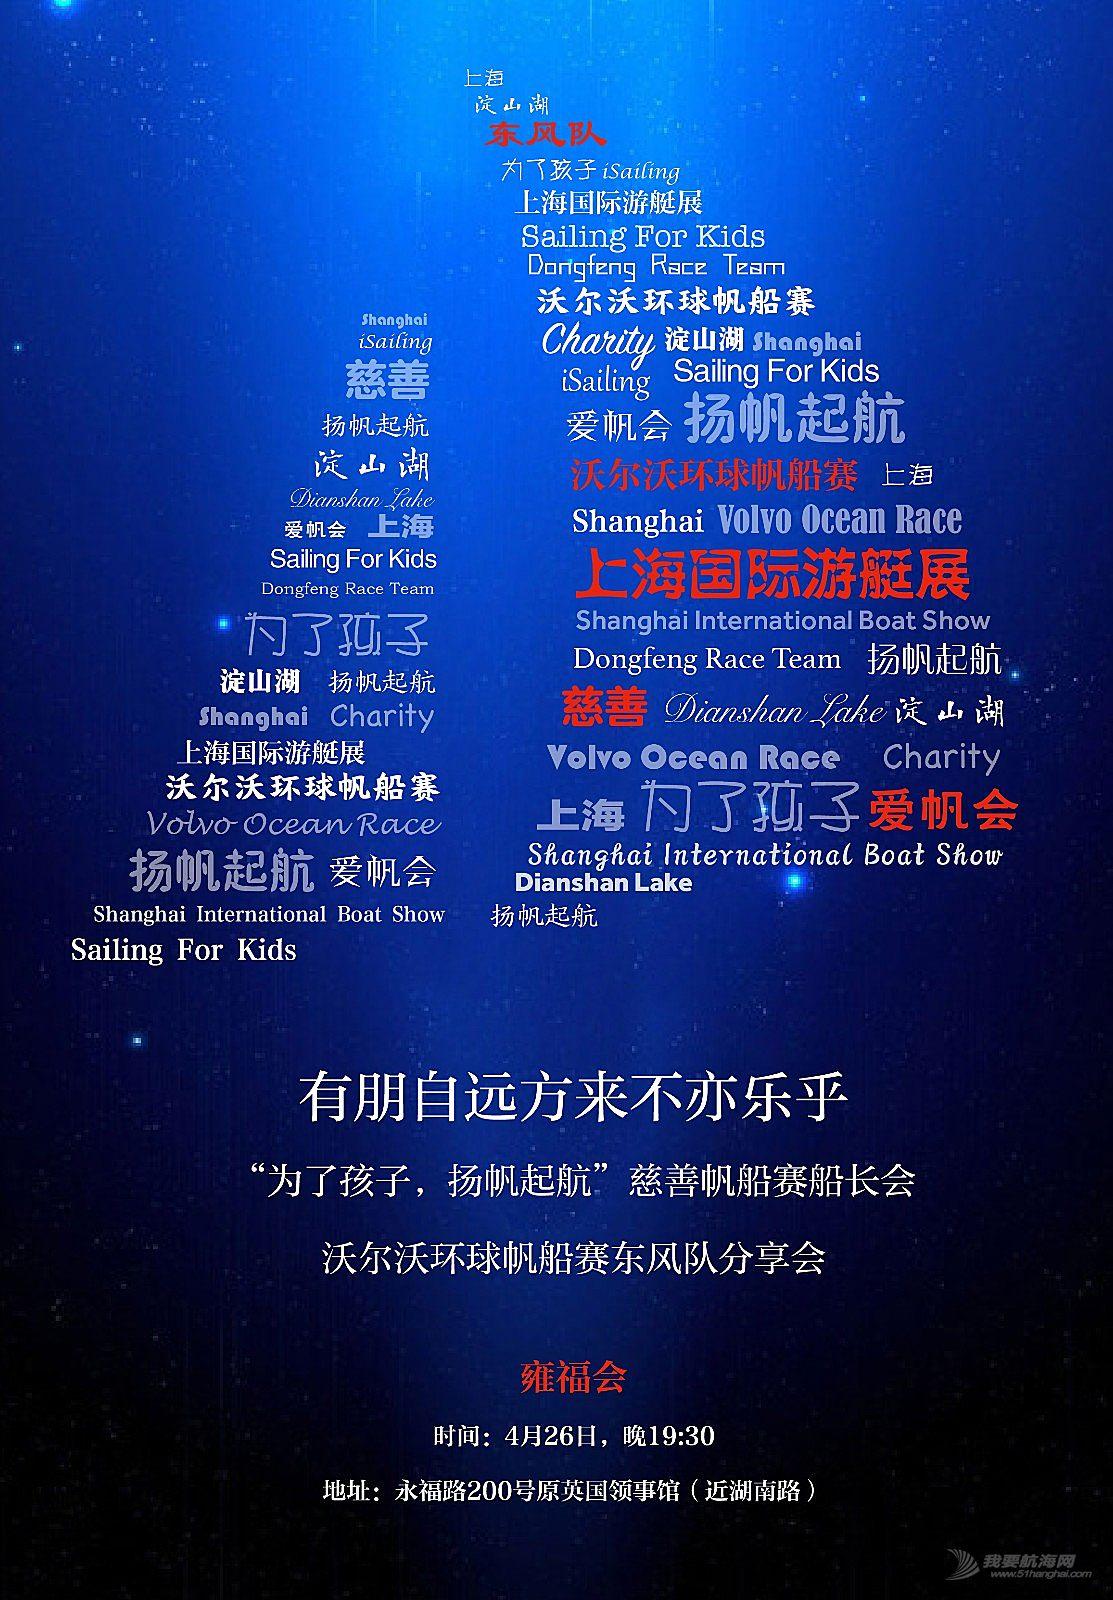 2018年中国(上海)国际游艇展慈善杯帆船赛 航行细则